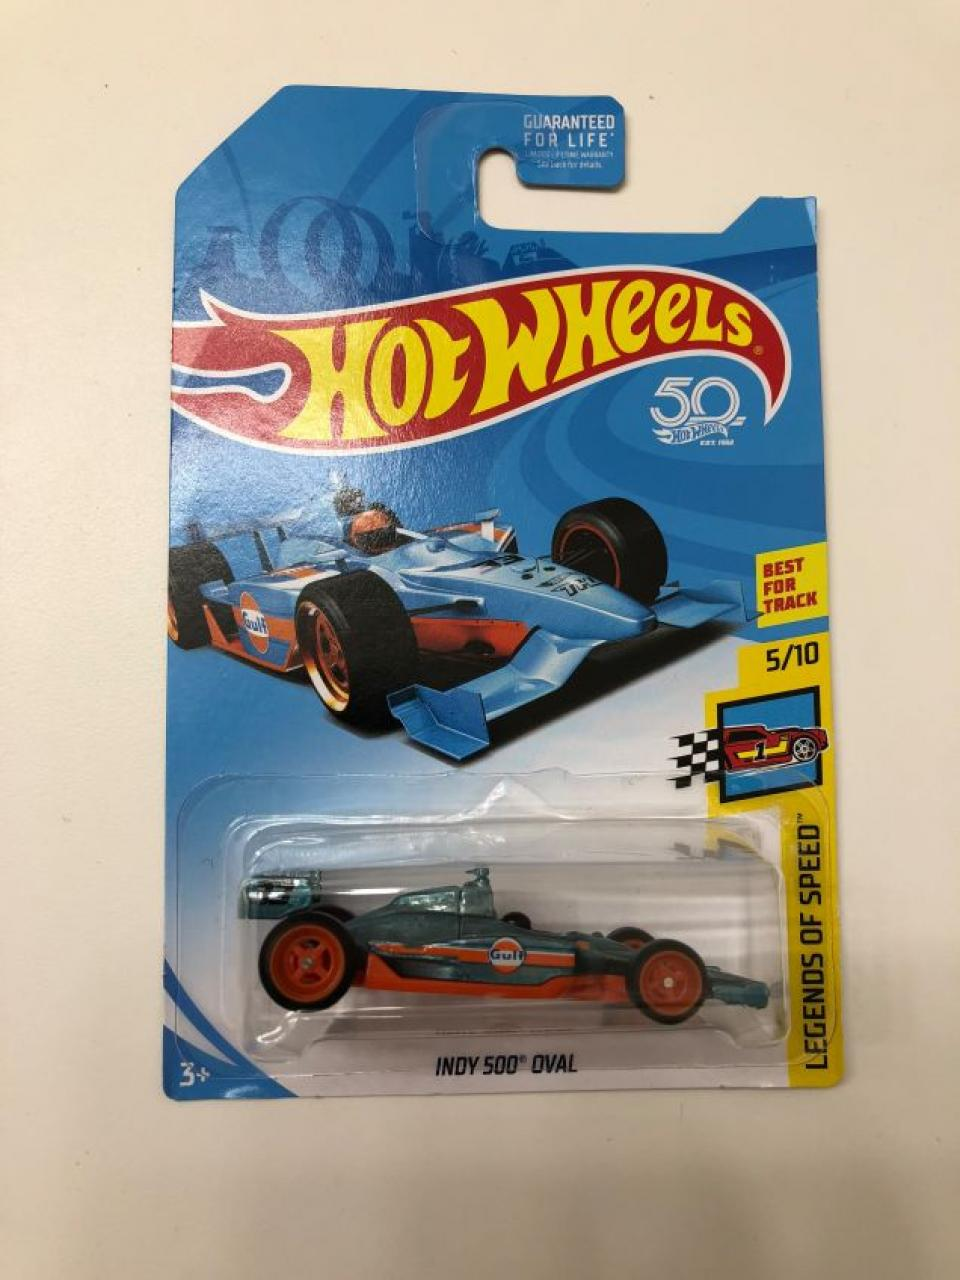 Looking for McLaren F1 Speed Machines